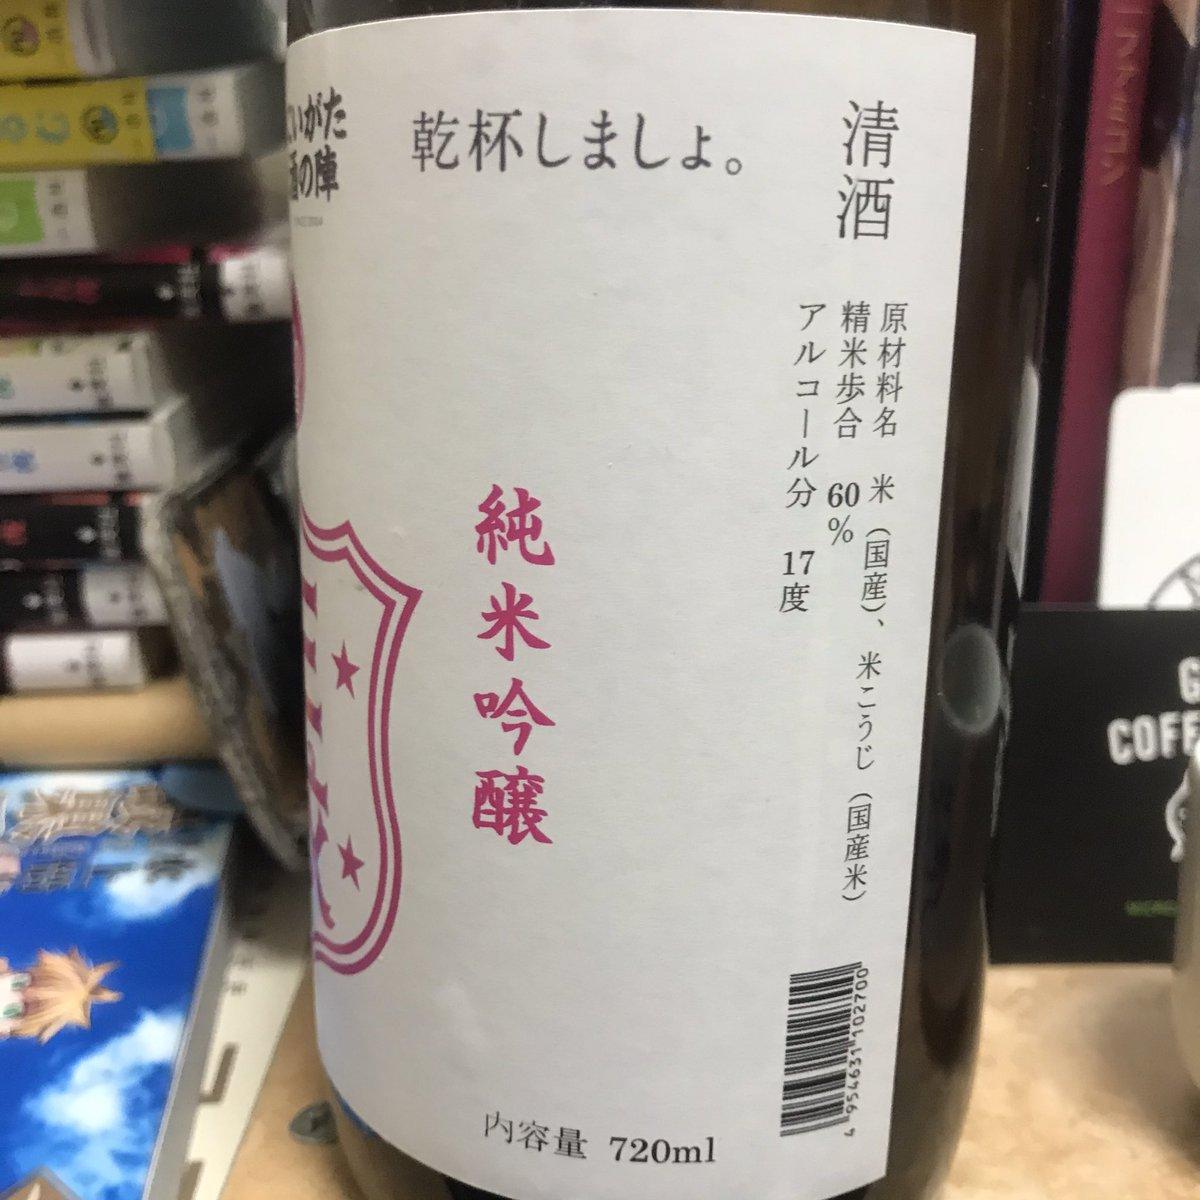 test ツイッターメディア - 新潟は新発田市 市島酒造 王紋 純米吟醸 しぼりたて原酒 瓶燗 一回火入れ。まろやかな膨らみある旨味。ほんのり酸味が立つ優しい甘味が良い塩梅。ゆるゆるっと飲み続けられる。とても好きな味わい。 https://t.co/9G33s43WYv